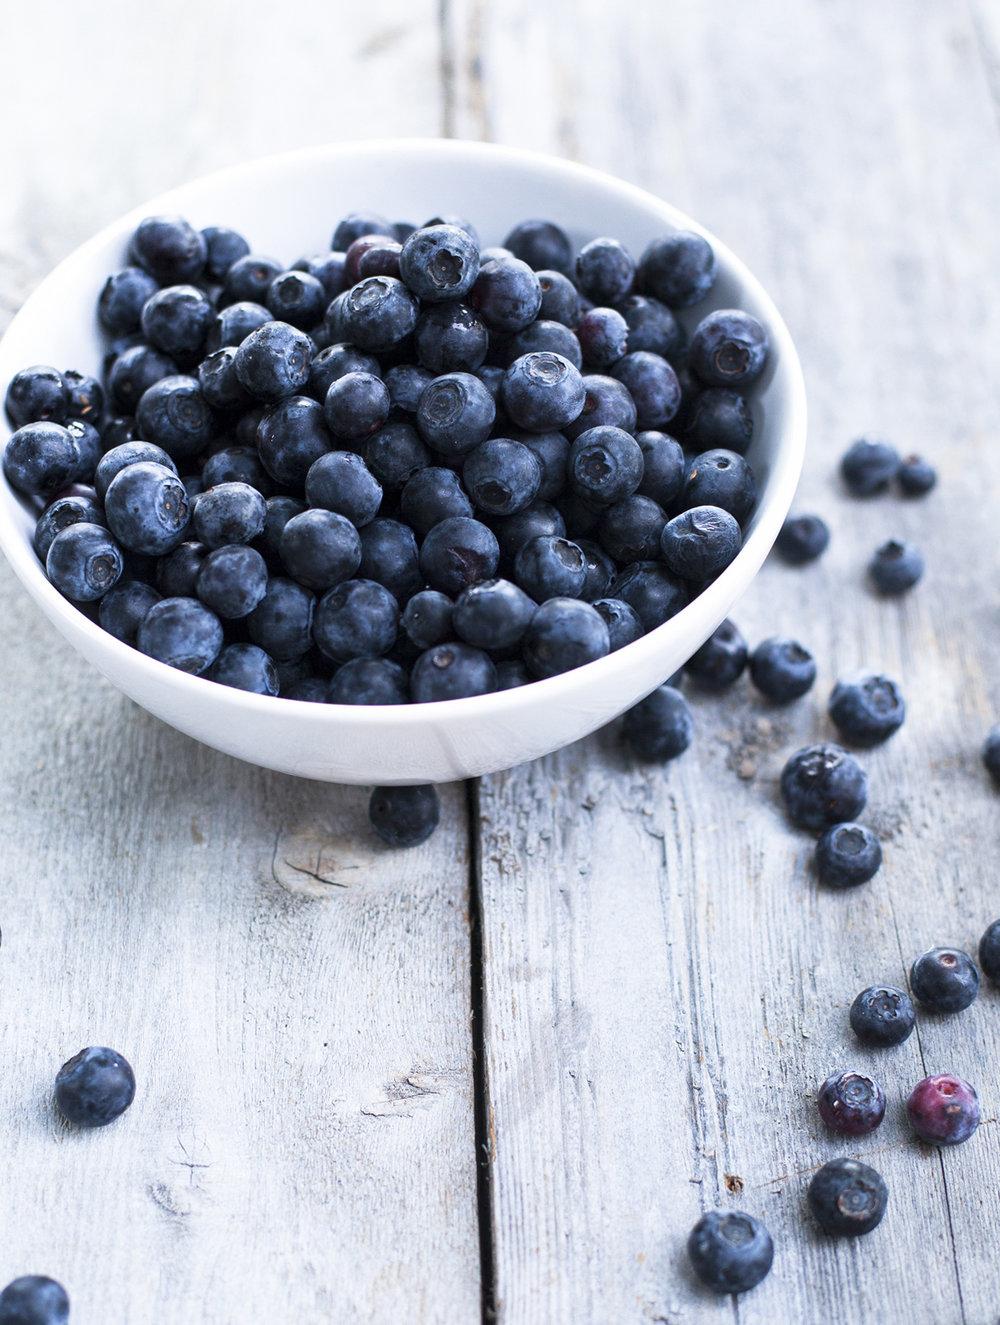 Blueberries for Honest Magazine © Shannon Douglas